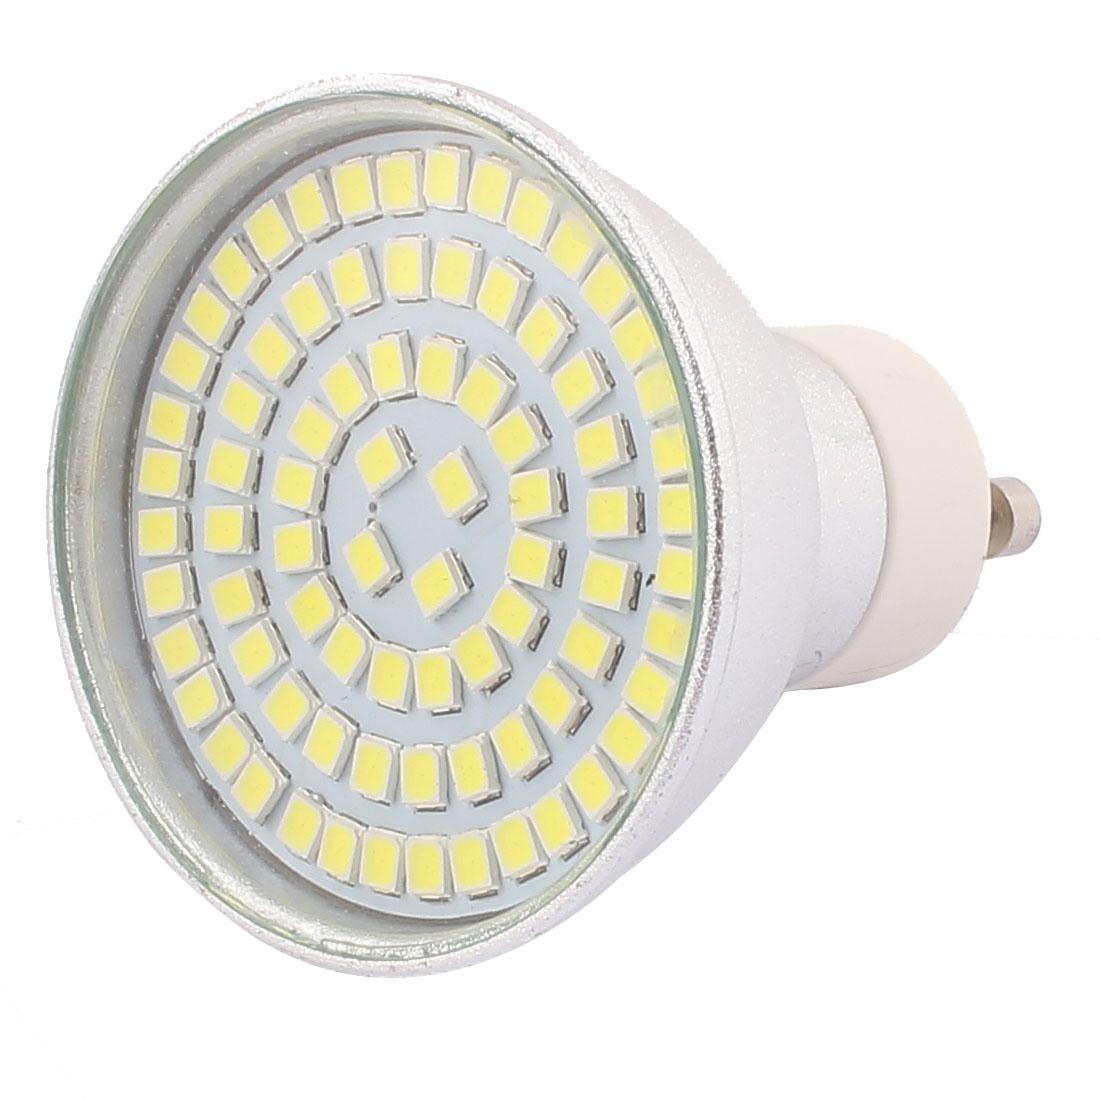 GU10 SMD 2835 80 LEDs Aluminum Energy Saving LED Lamp Bulb White AC 220V 8W